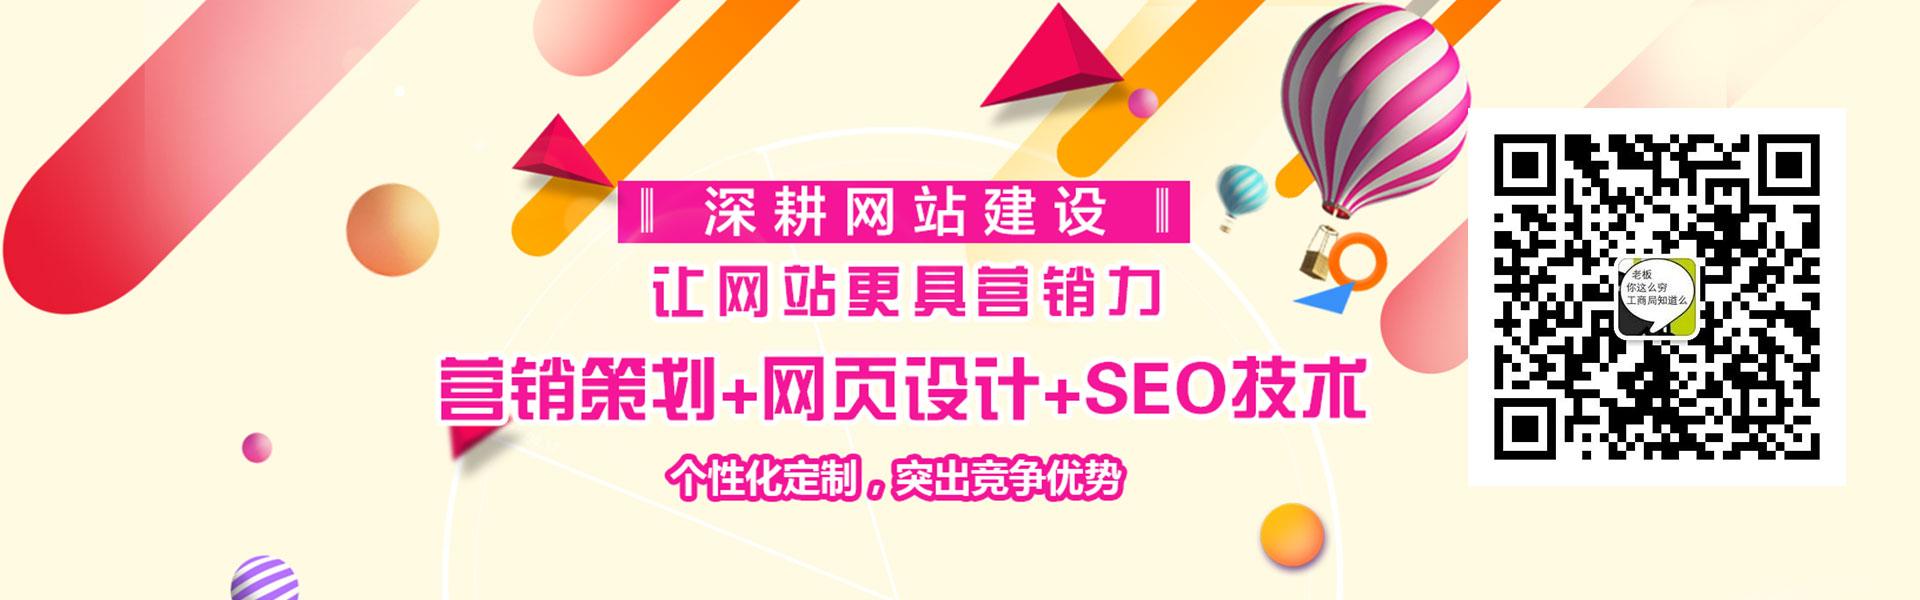 桂林SEO优化让网站更具营销力